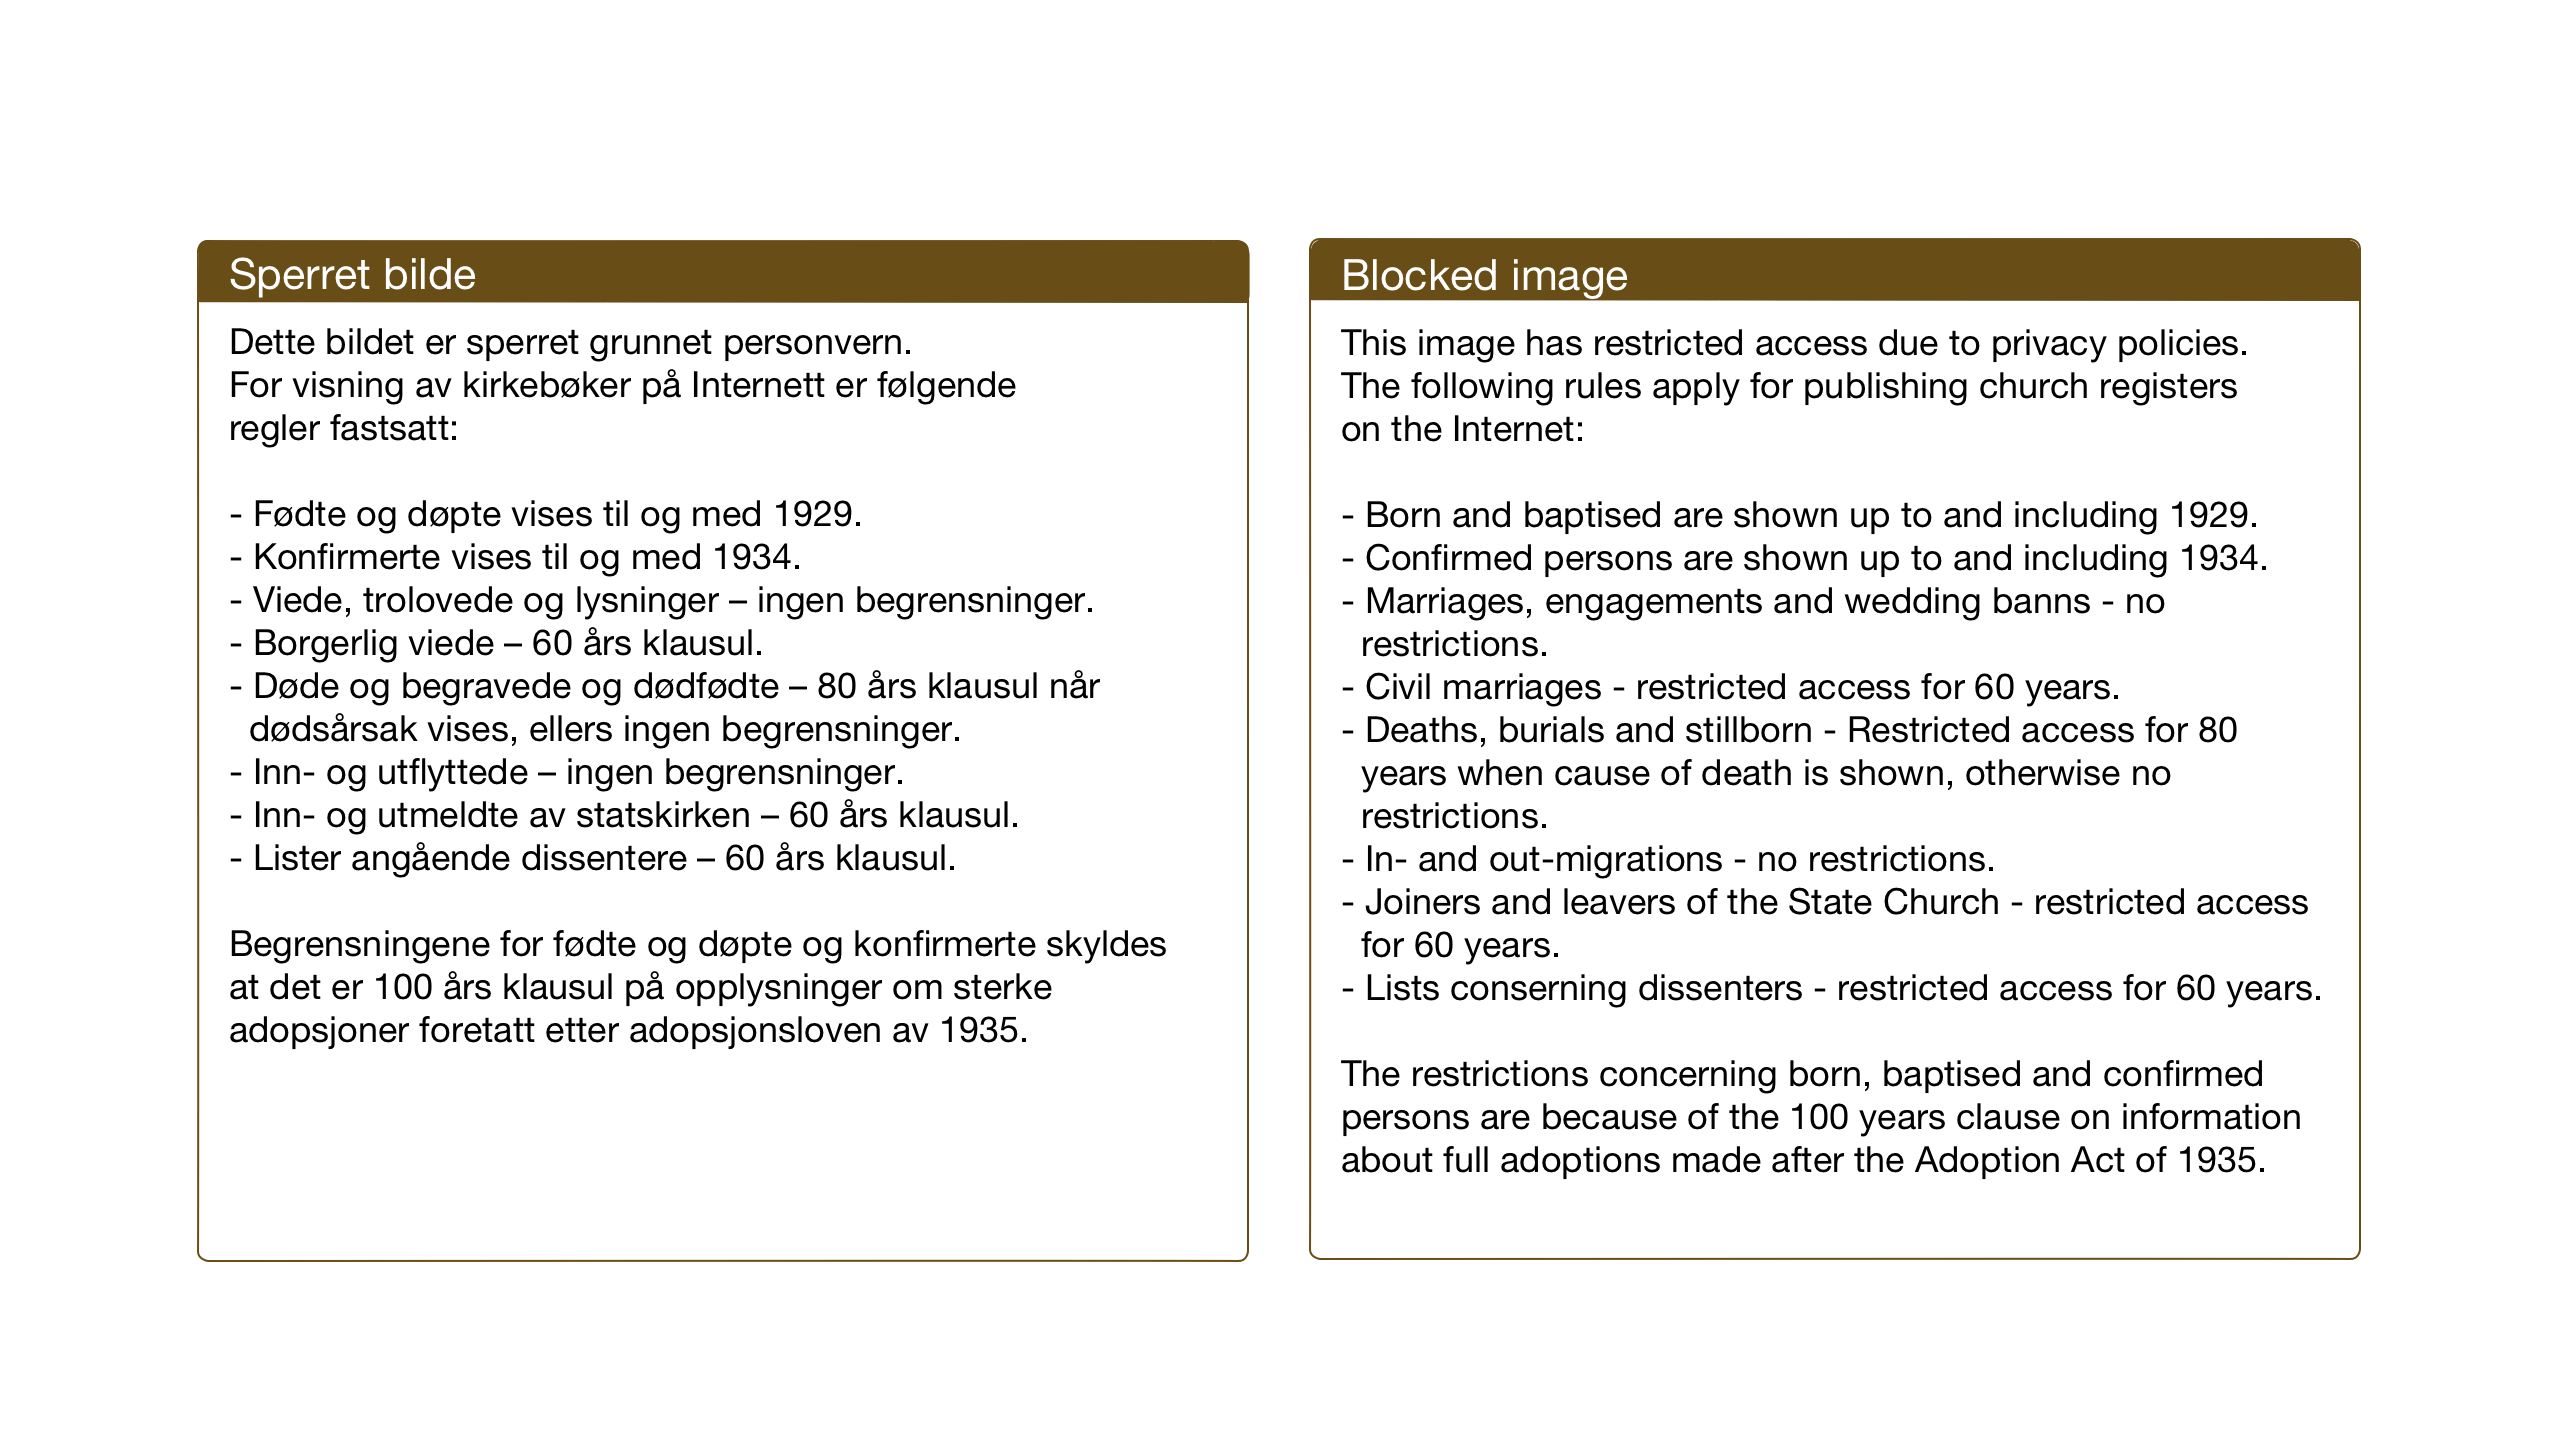 SAT, Ministerialprotokoller, klokkerbøker og fødselsregistre - Nord-Trøndelag, 740/L0384: Klokkerbok nr. 740C05, 1939-1946, s. 1